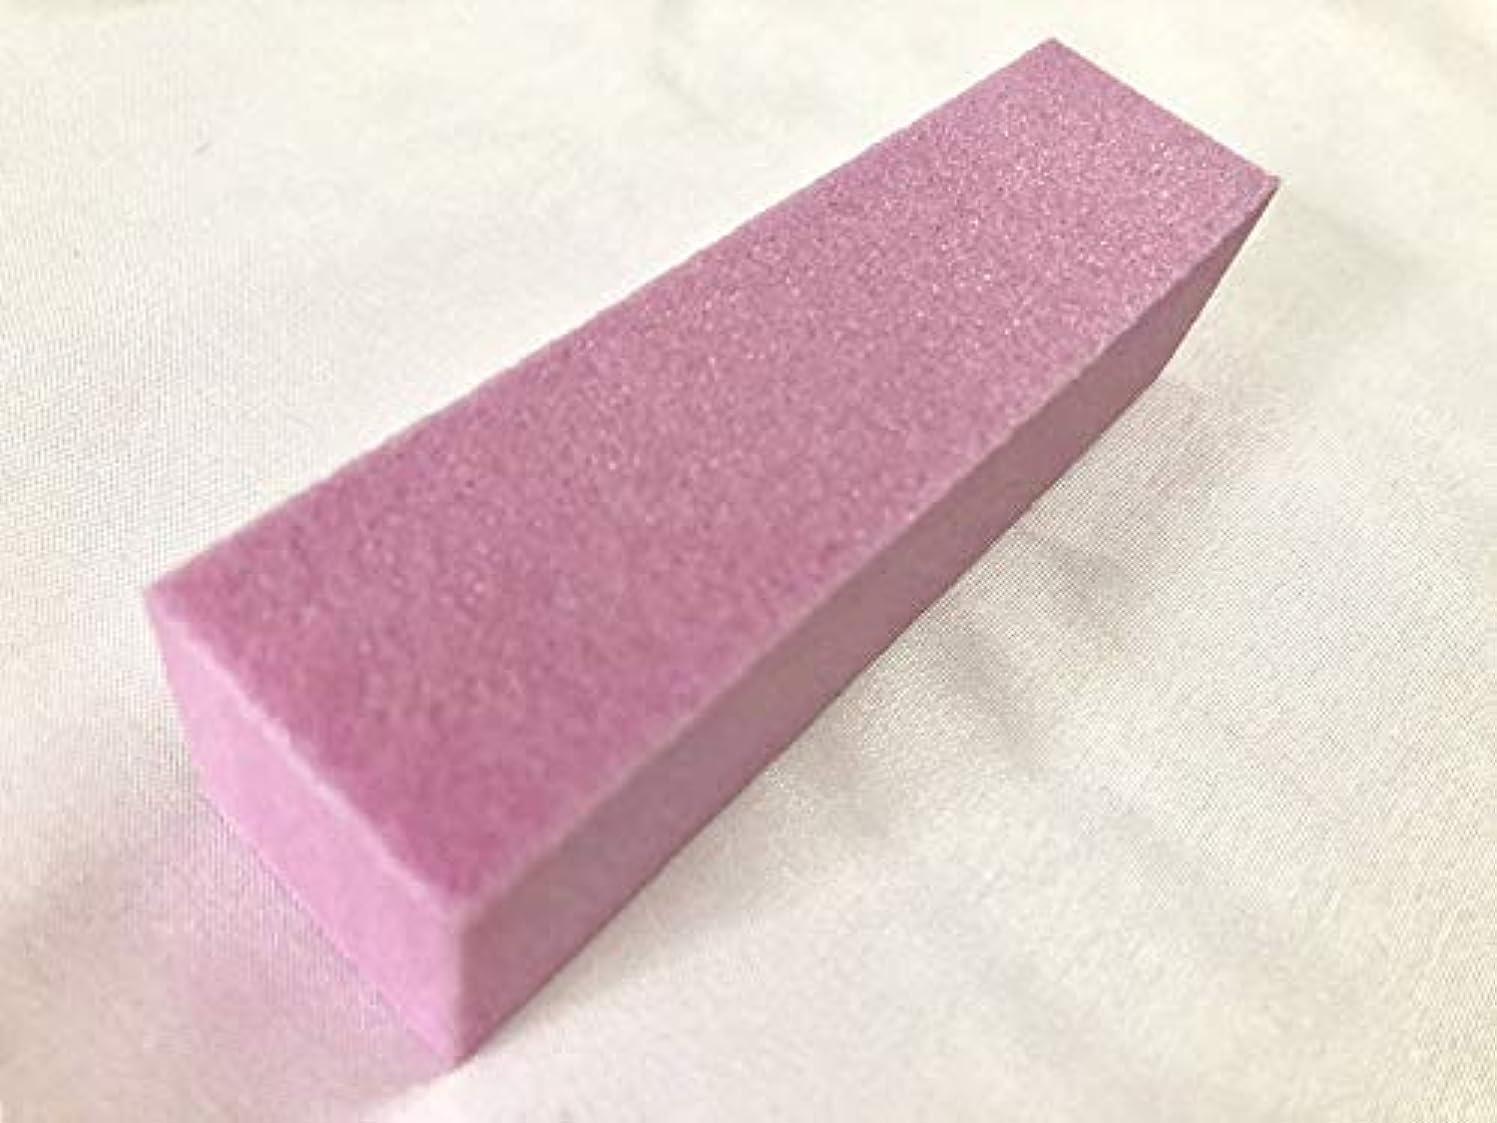 線形余裕がある多用途スポンジ ネイル ファイル 4本セット マニュキュア ネイル ジェルネイル カラフルなスポンジやすりです 使用用途: ネイルファイル 角質とり 刃物のやすり